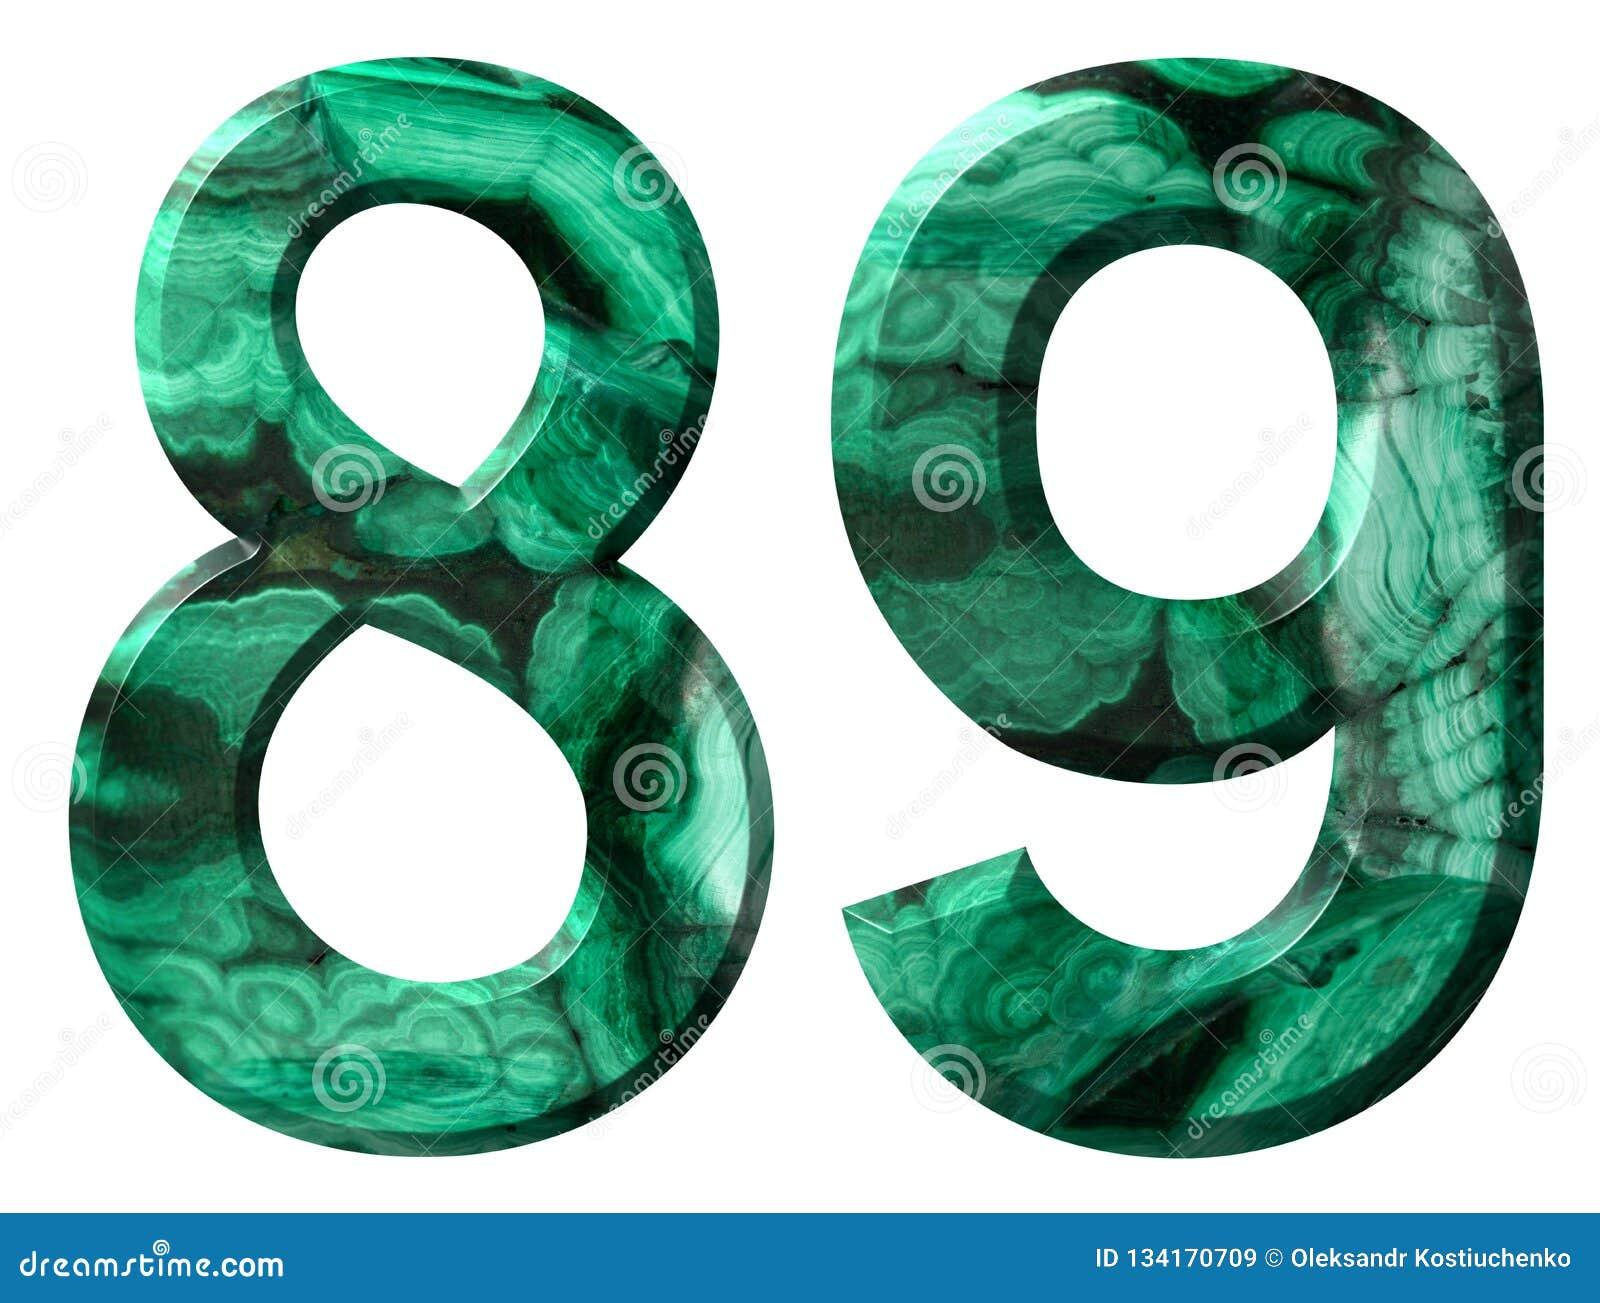 阿拉伯数字89,八十九,从自然绿色绿沸铜,隔绝在白色背景